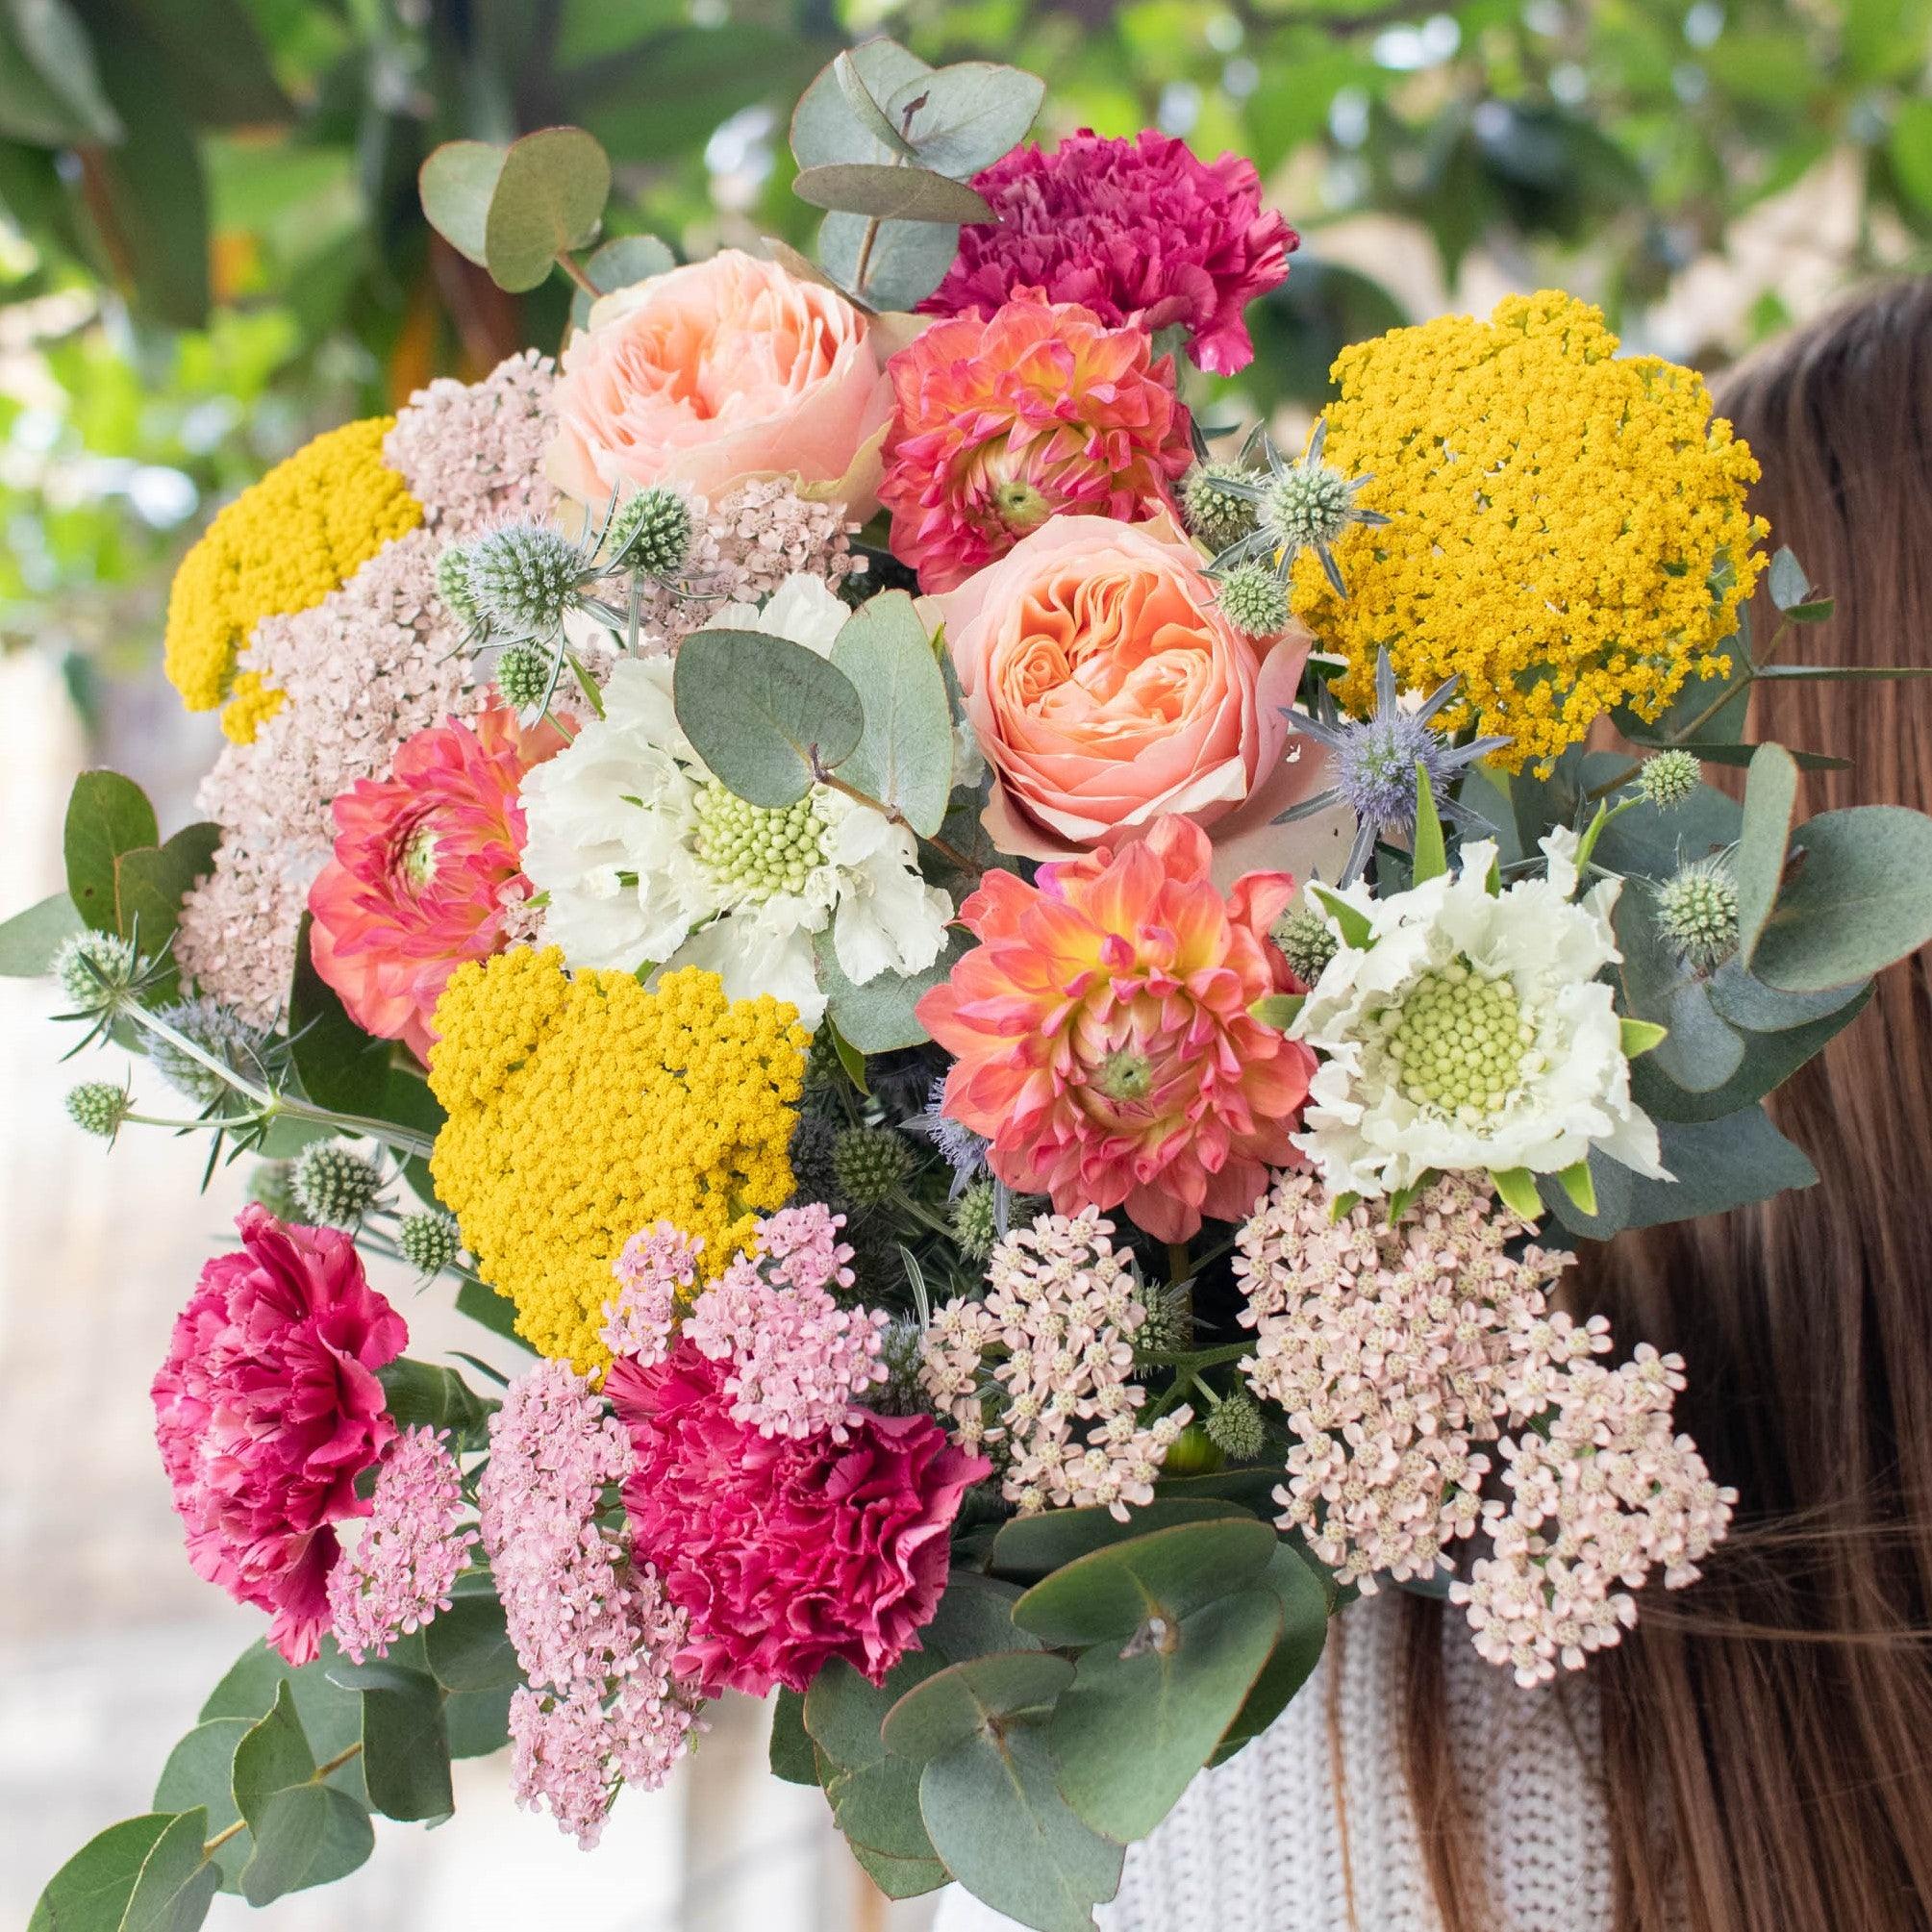 """Blumenstrauß Grasse - Innerhalb der nächsten zwei Wochen spenden wir pro verkauftem Blumenstrauß 2€ an """"Aktion Deutschland hilft"""" und die Betroffenen der Hochwasser-Katastrophe."""